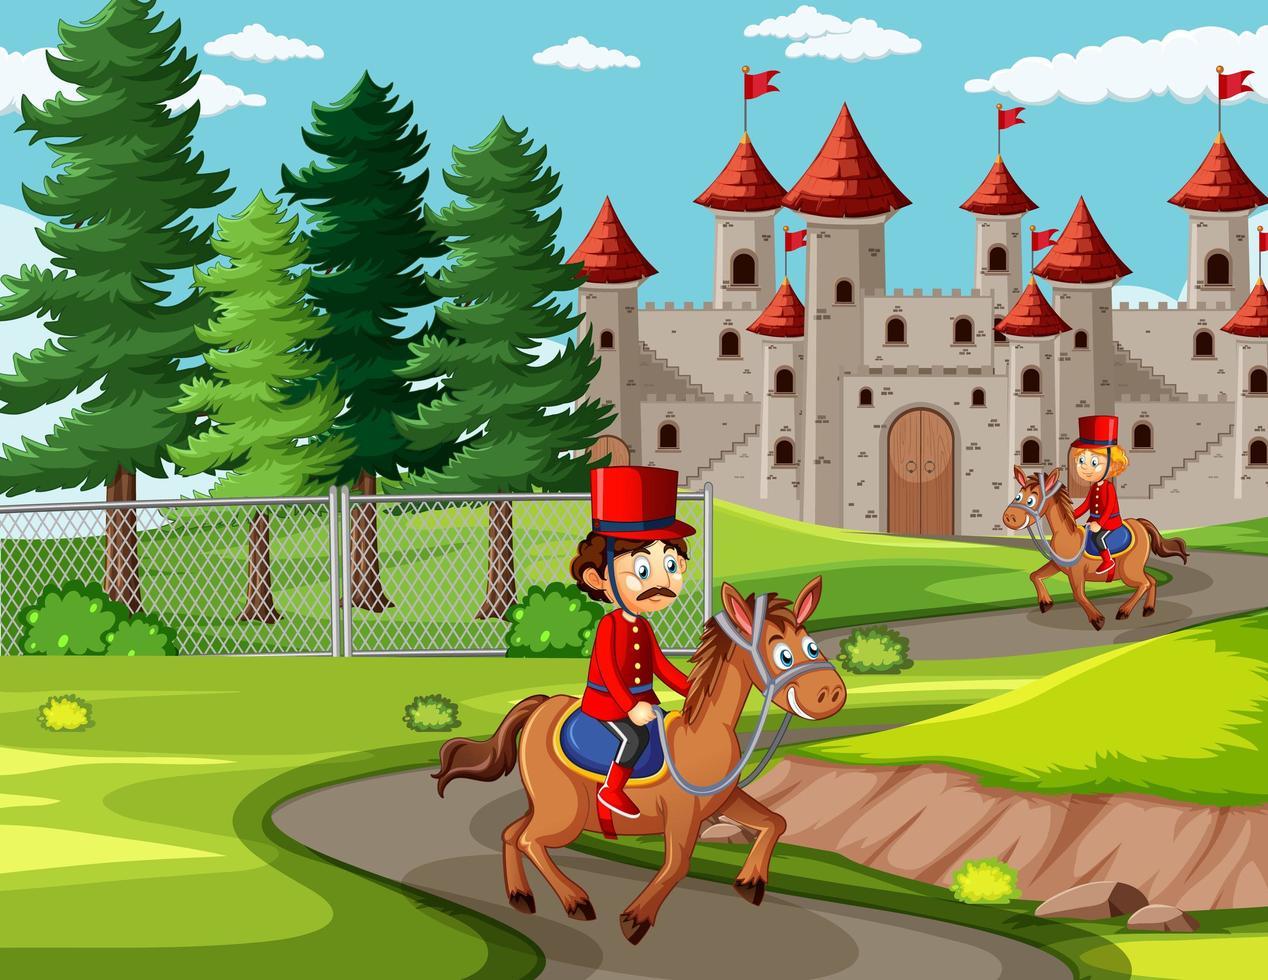 Escena de cuento de hadas con castillo y soldado de la guardia real. vector